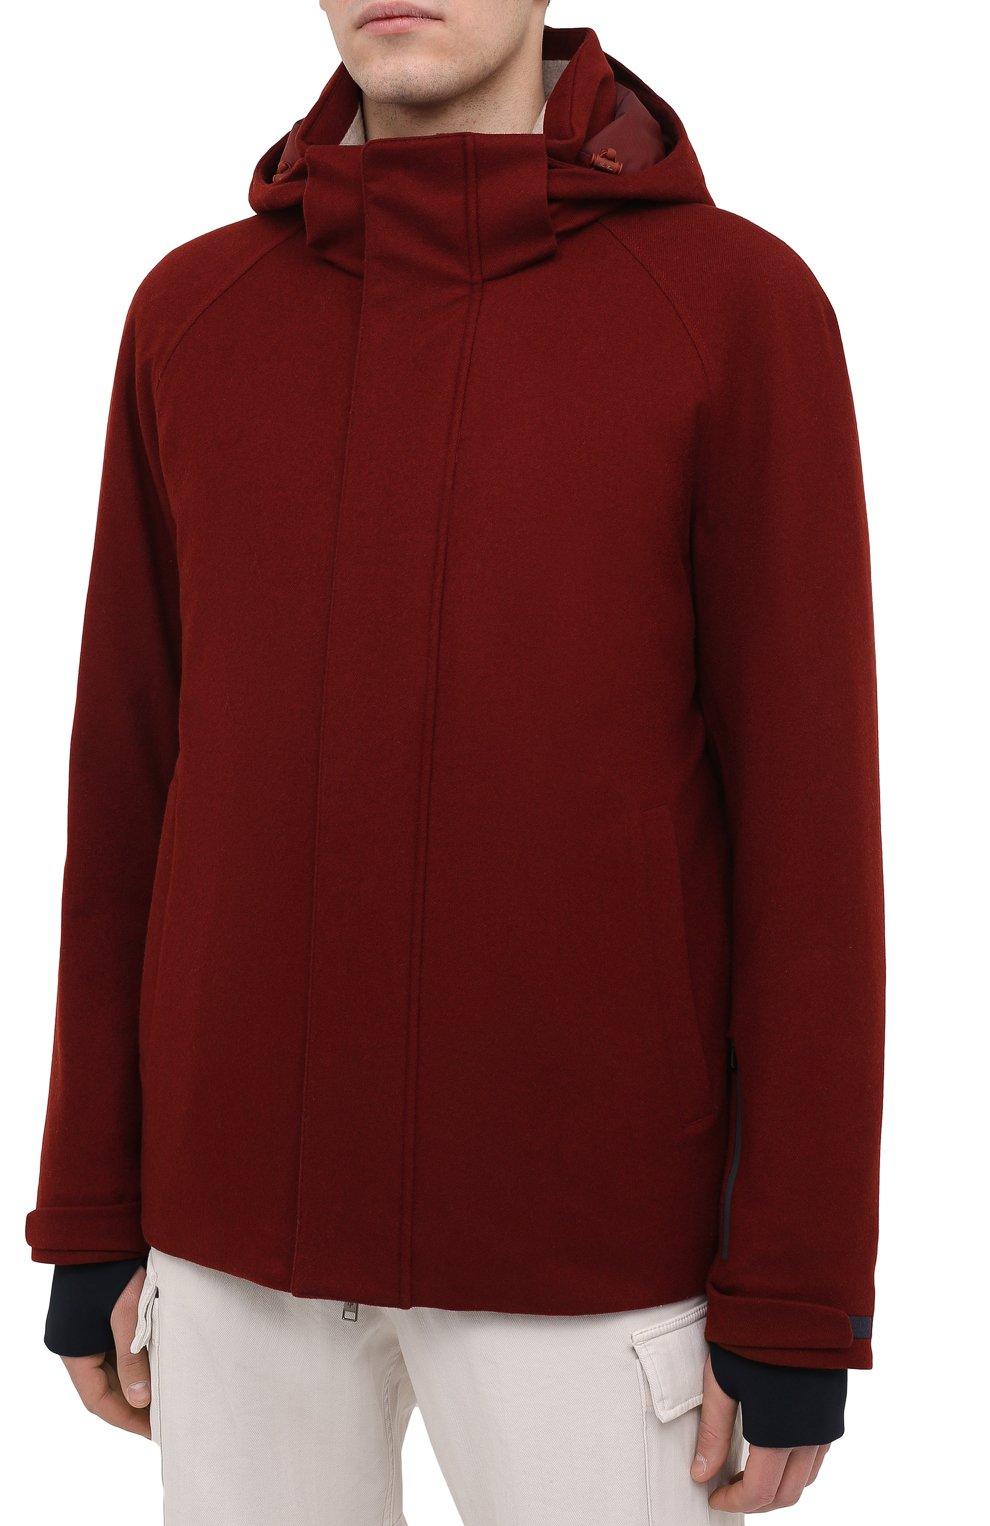 Мужская куртка из кашемира и шелка LORO PIANA бордового цвета, арт. FAI8953 | Фото 3 (Кросс-КТ: Куртка; Мужское Кросс-КТ: шерсть и кашемир; Материал внешний: Шерсть, Кашемир; Материал утеплителя: Шерсть; Рукава: Длинные; Длина (верхняя одежда): Короткие; Стили: Кэжуэл)